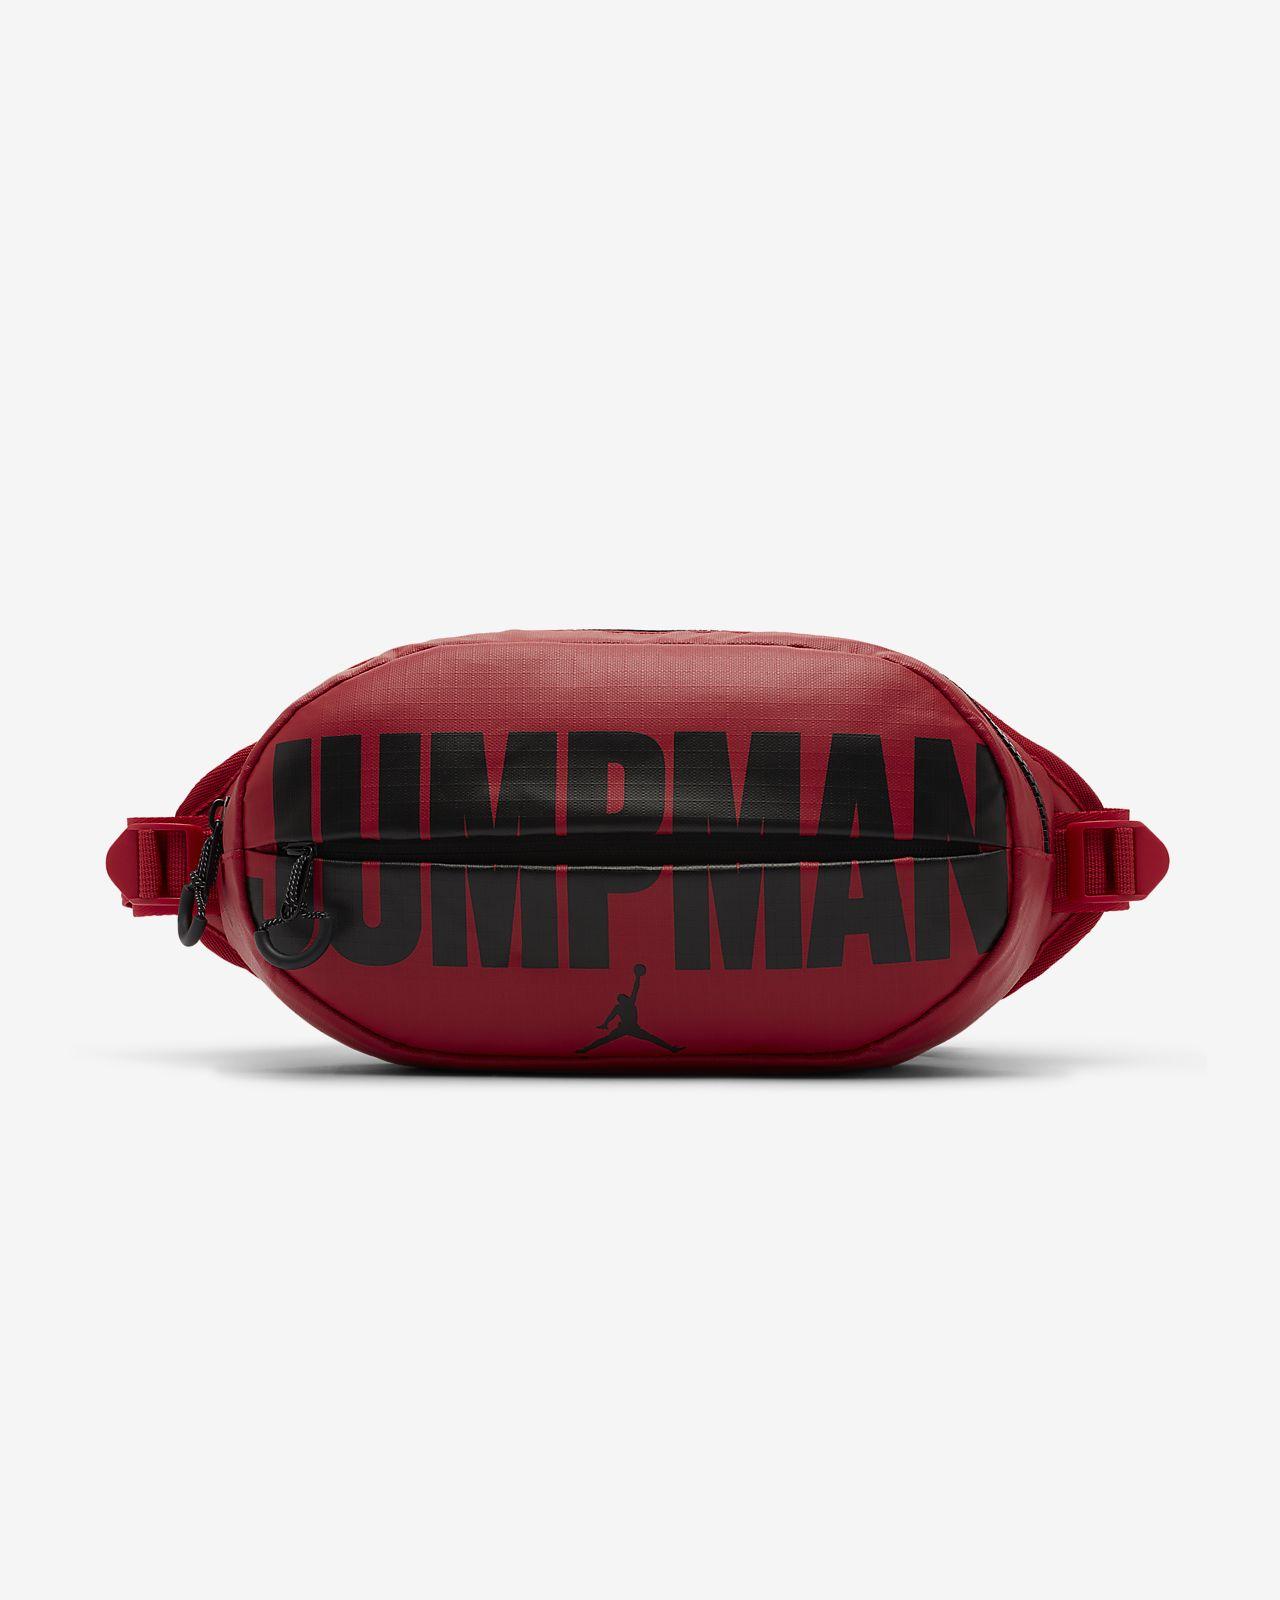 Jordan Jumpman Cross-Body Bag